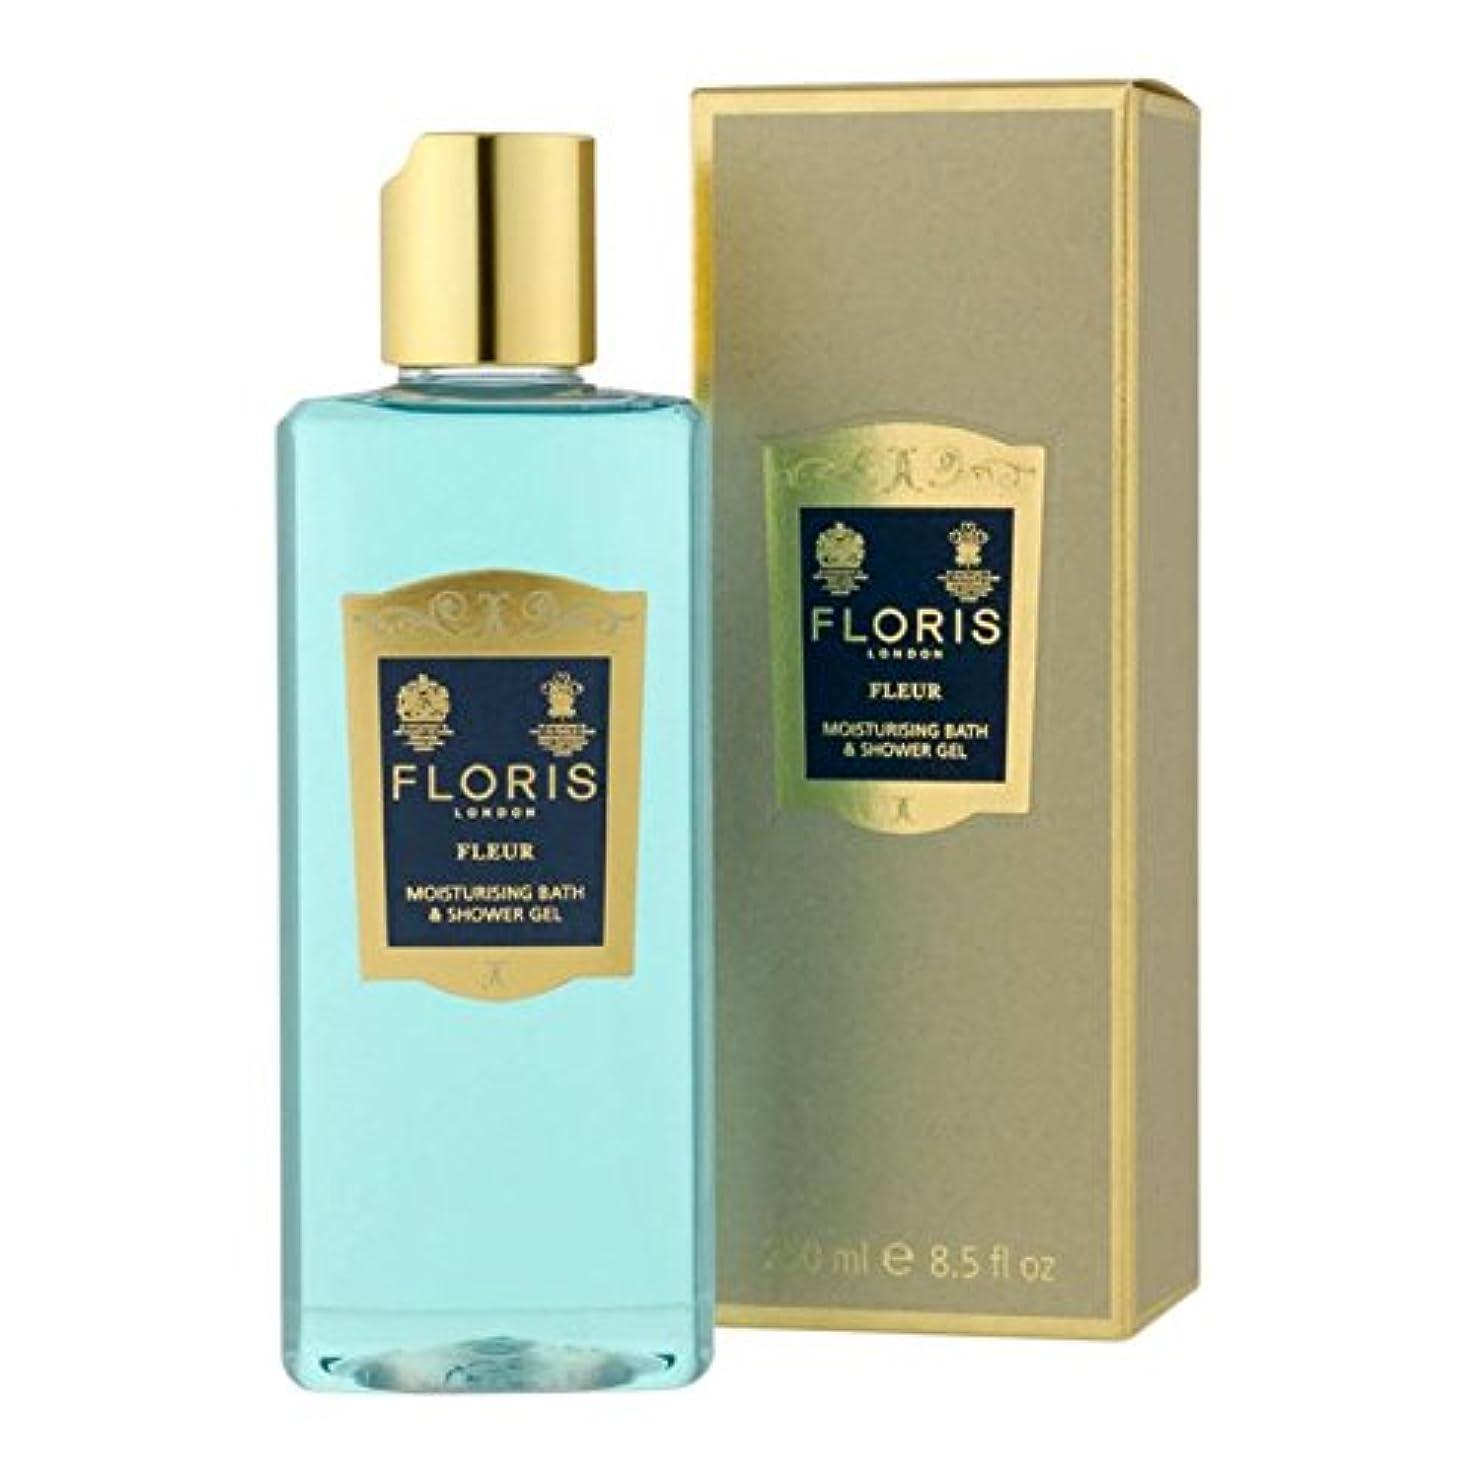 偏差無意味対応[Floris ] フロリスフルール保湿入浴やシャワージェル250ミリリットル - Floris Fleur Moisturising Bath and Shower Gel 250ml [並行輸入品]